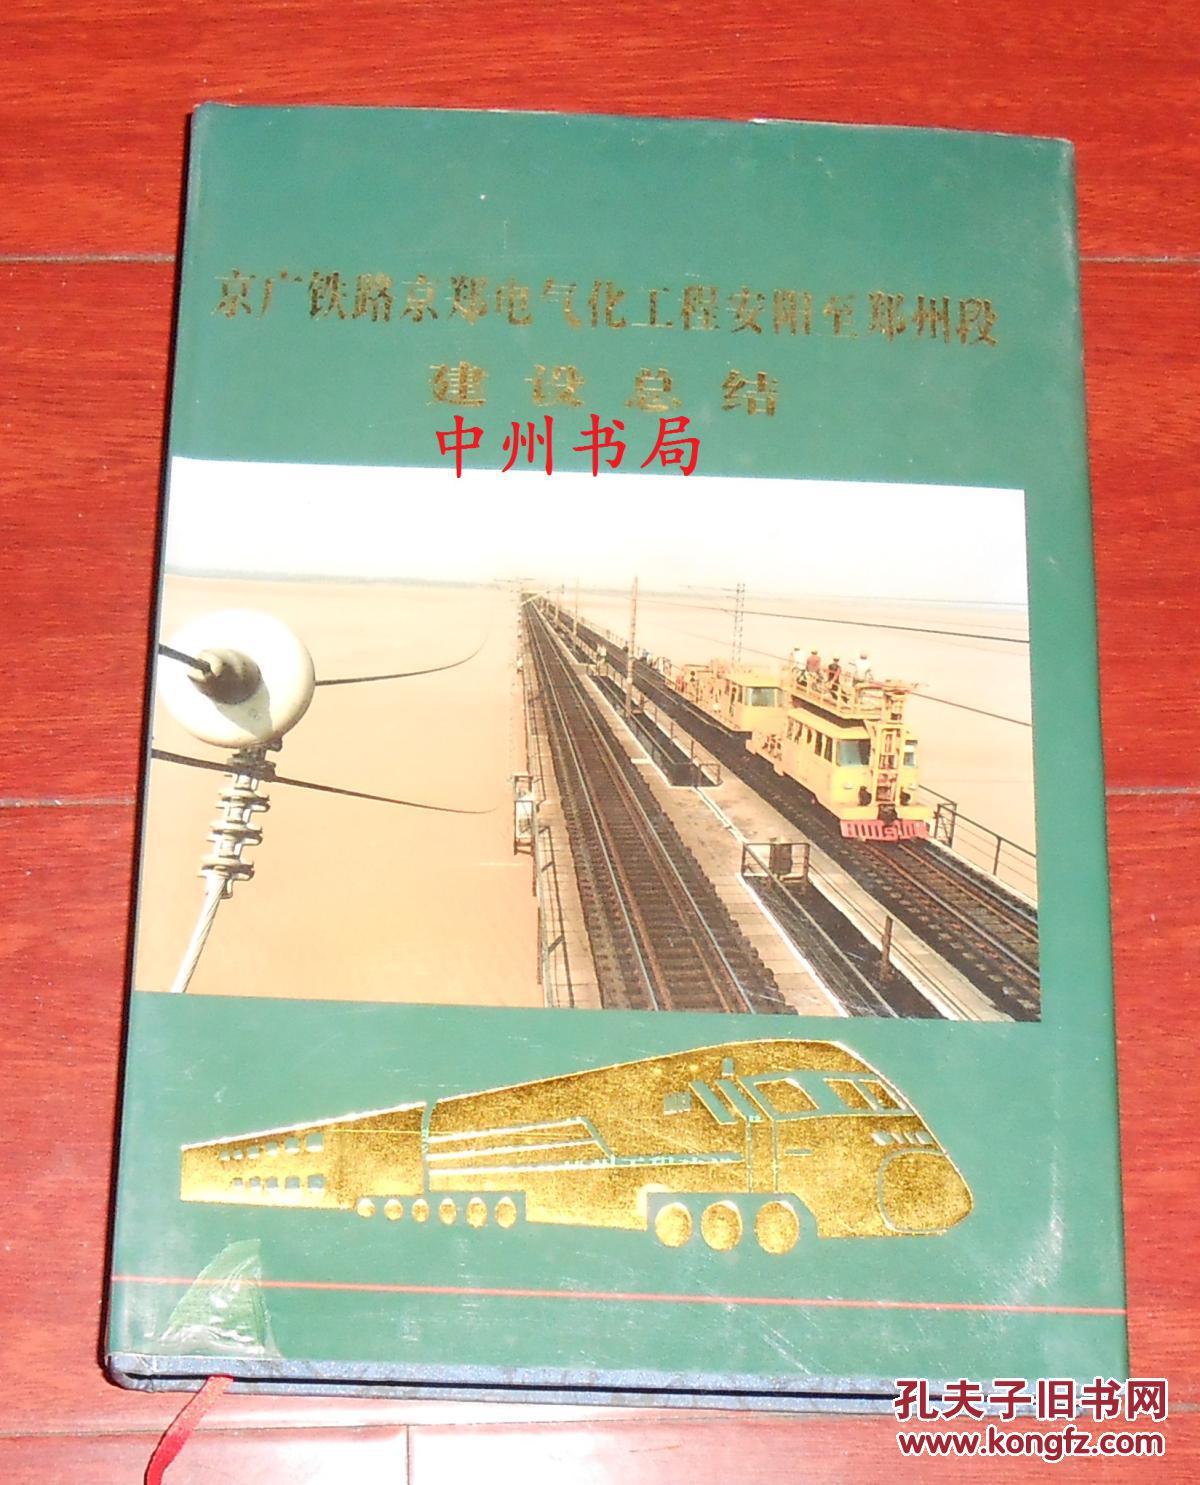 京广铁路京郑电气化图纸郑州至安阳段v图纸总期工程码报92图片